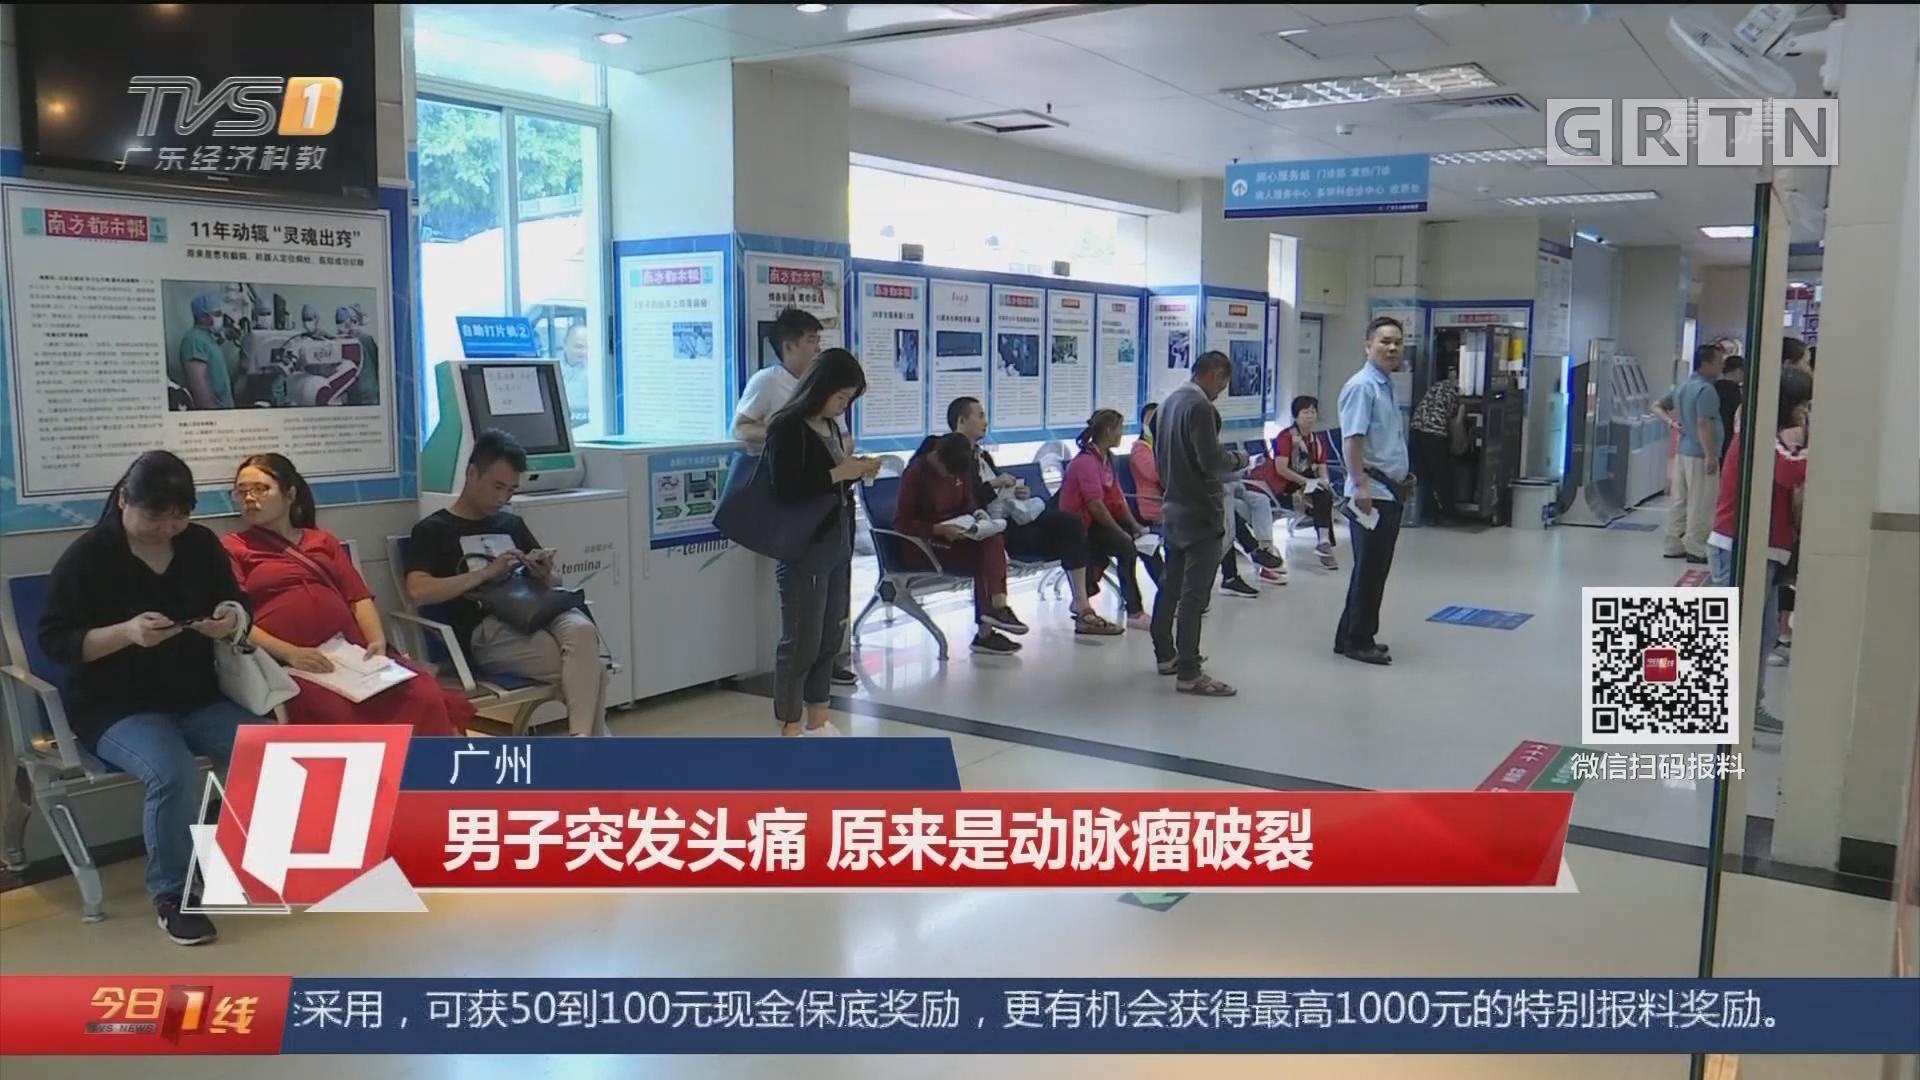 广州:男子突发头痛 原来是动脉瘤破裂